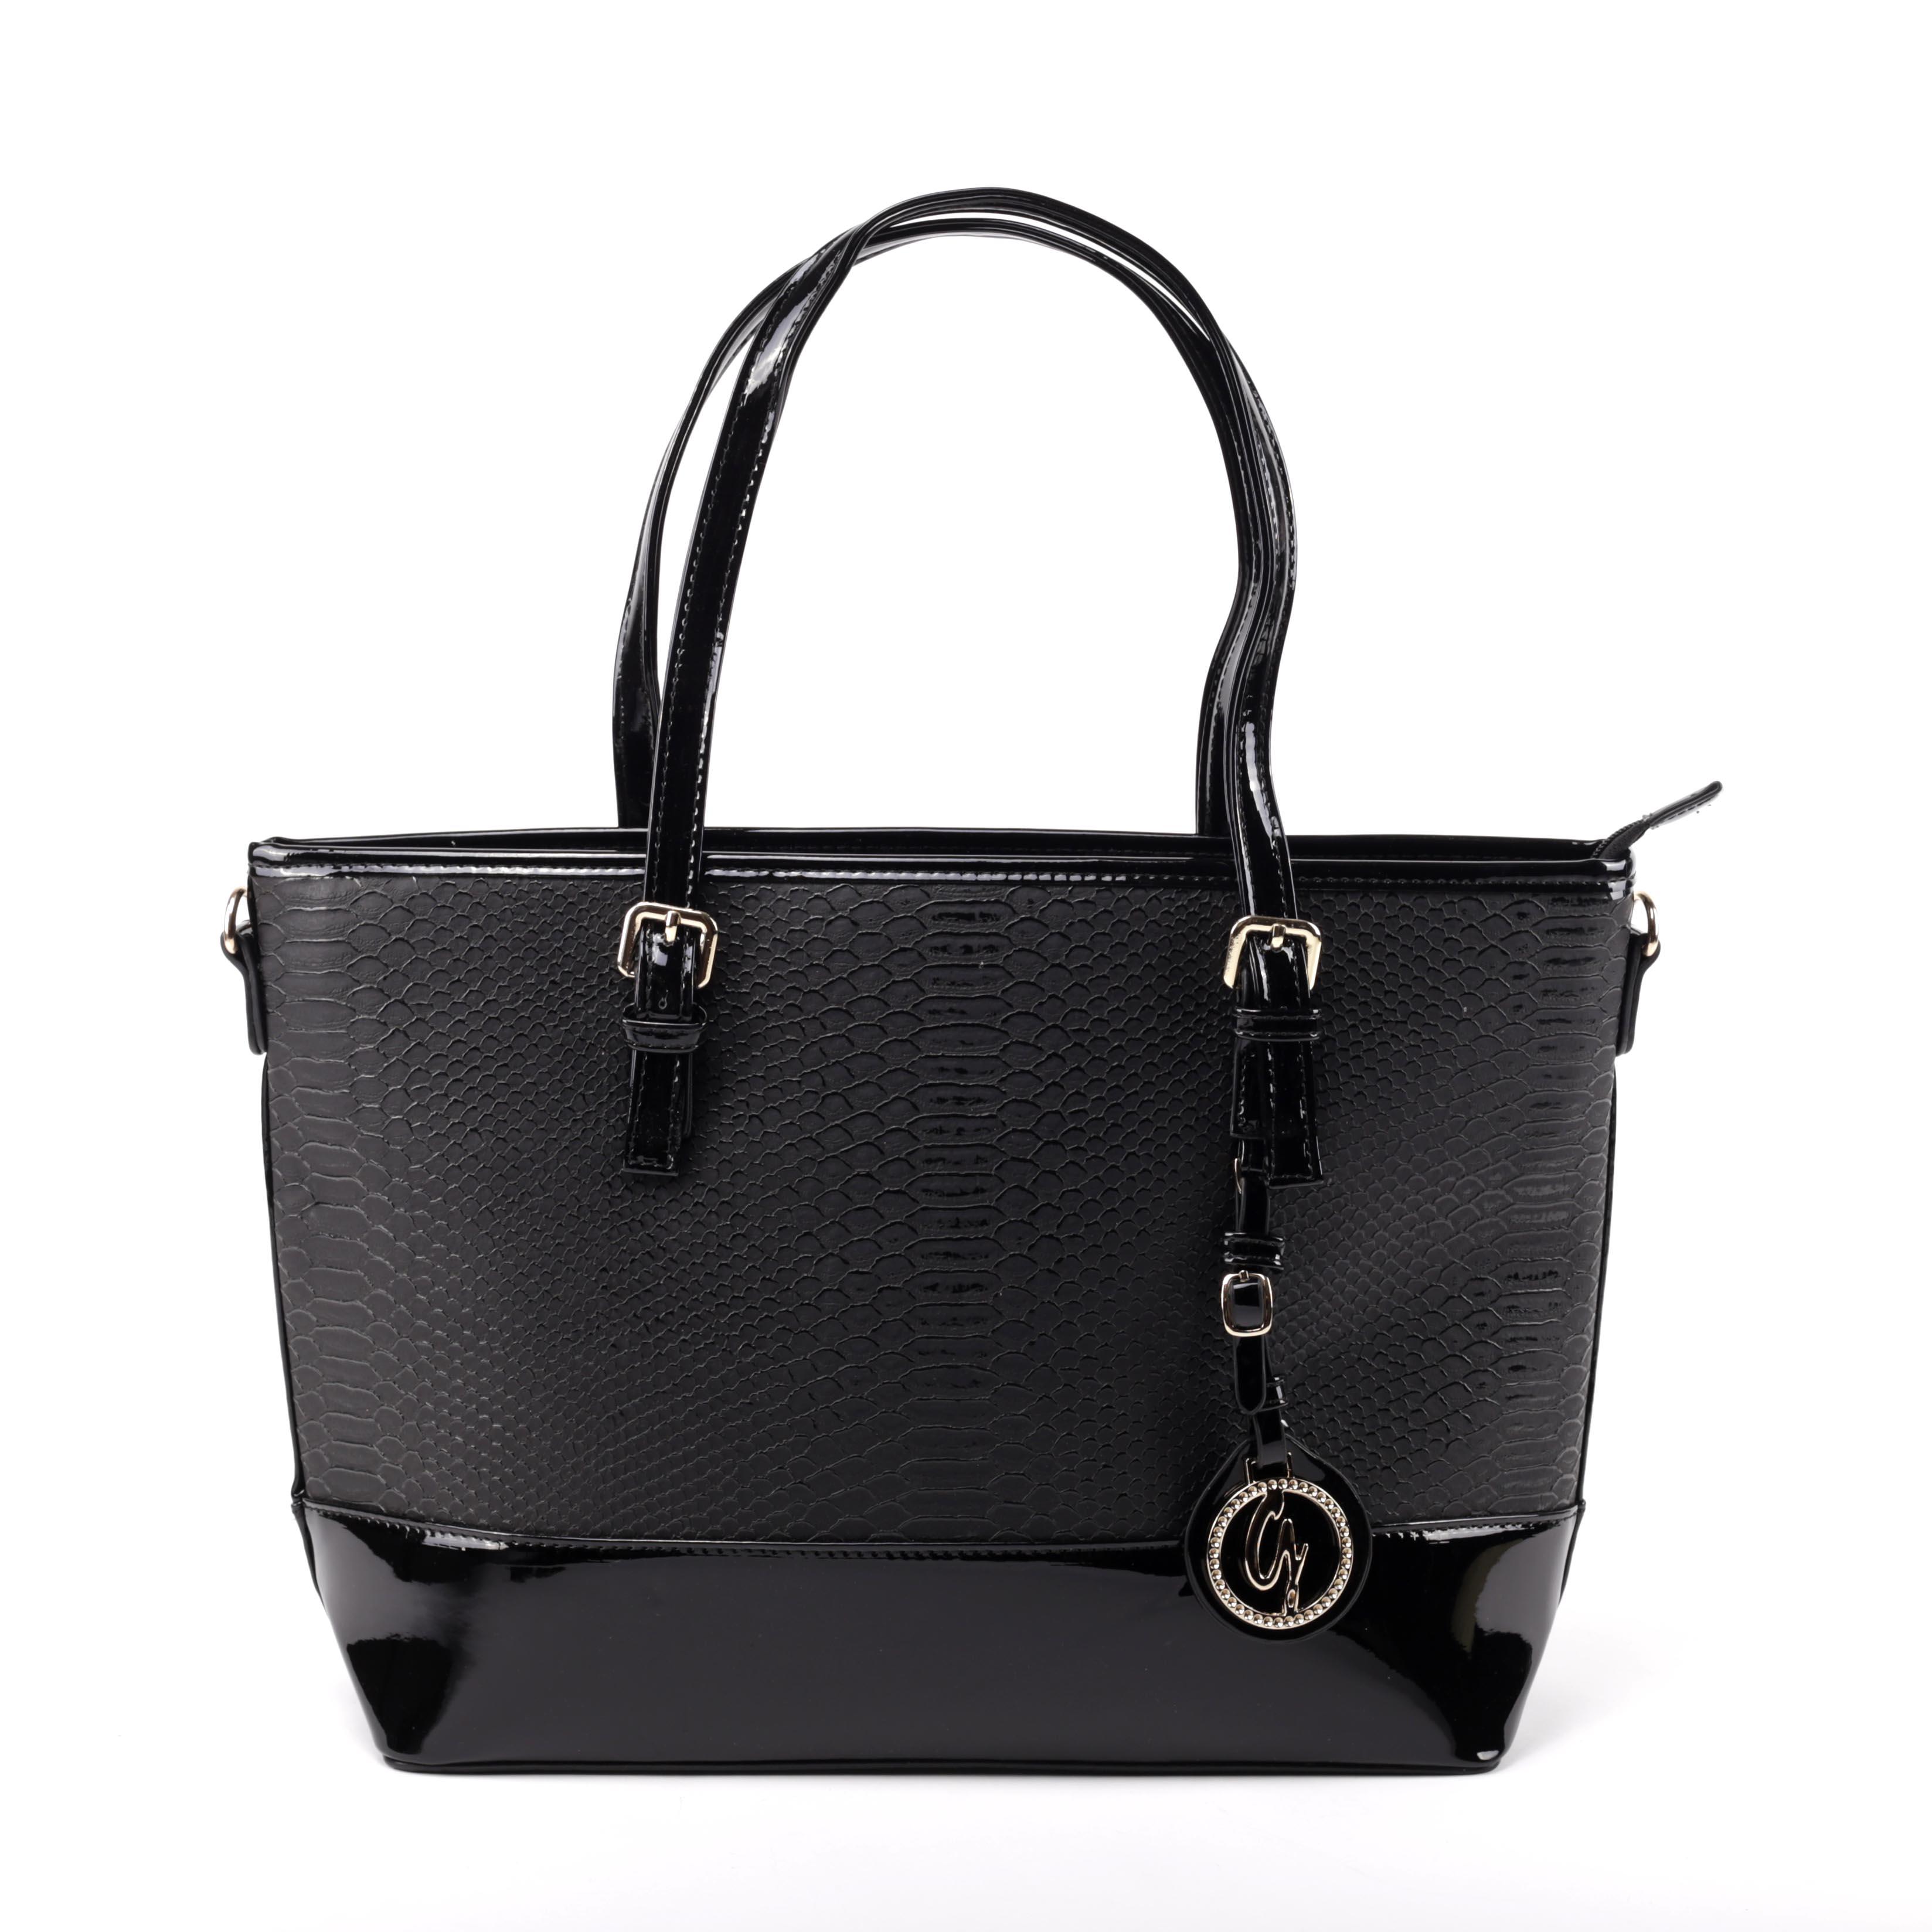 Besty Fekete Női Lakk Válltáska - Válltáskák - Táska webáruház - Minőségi  táskák mindenkinek 6428e091aa